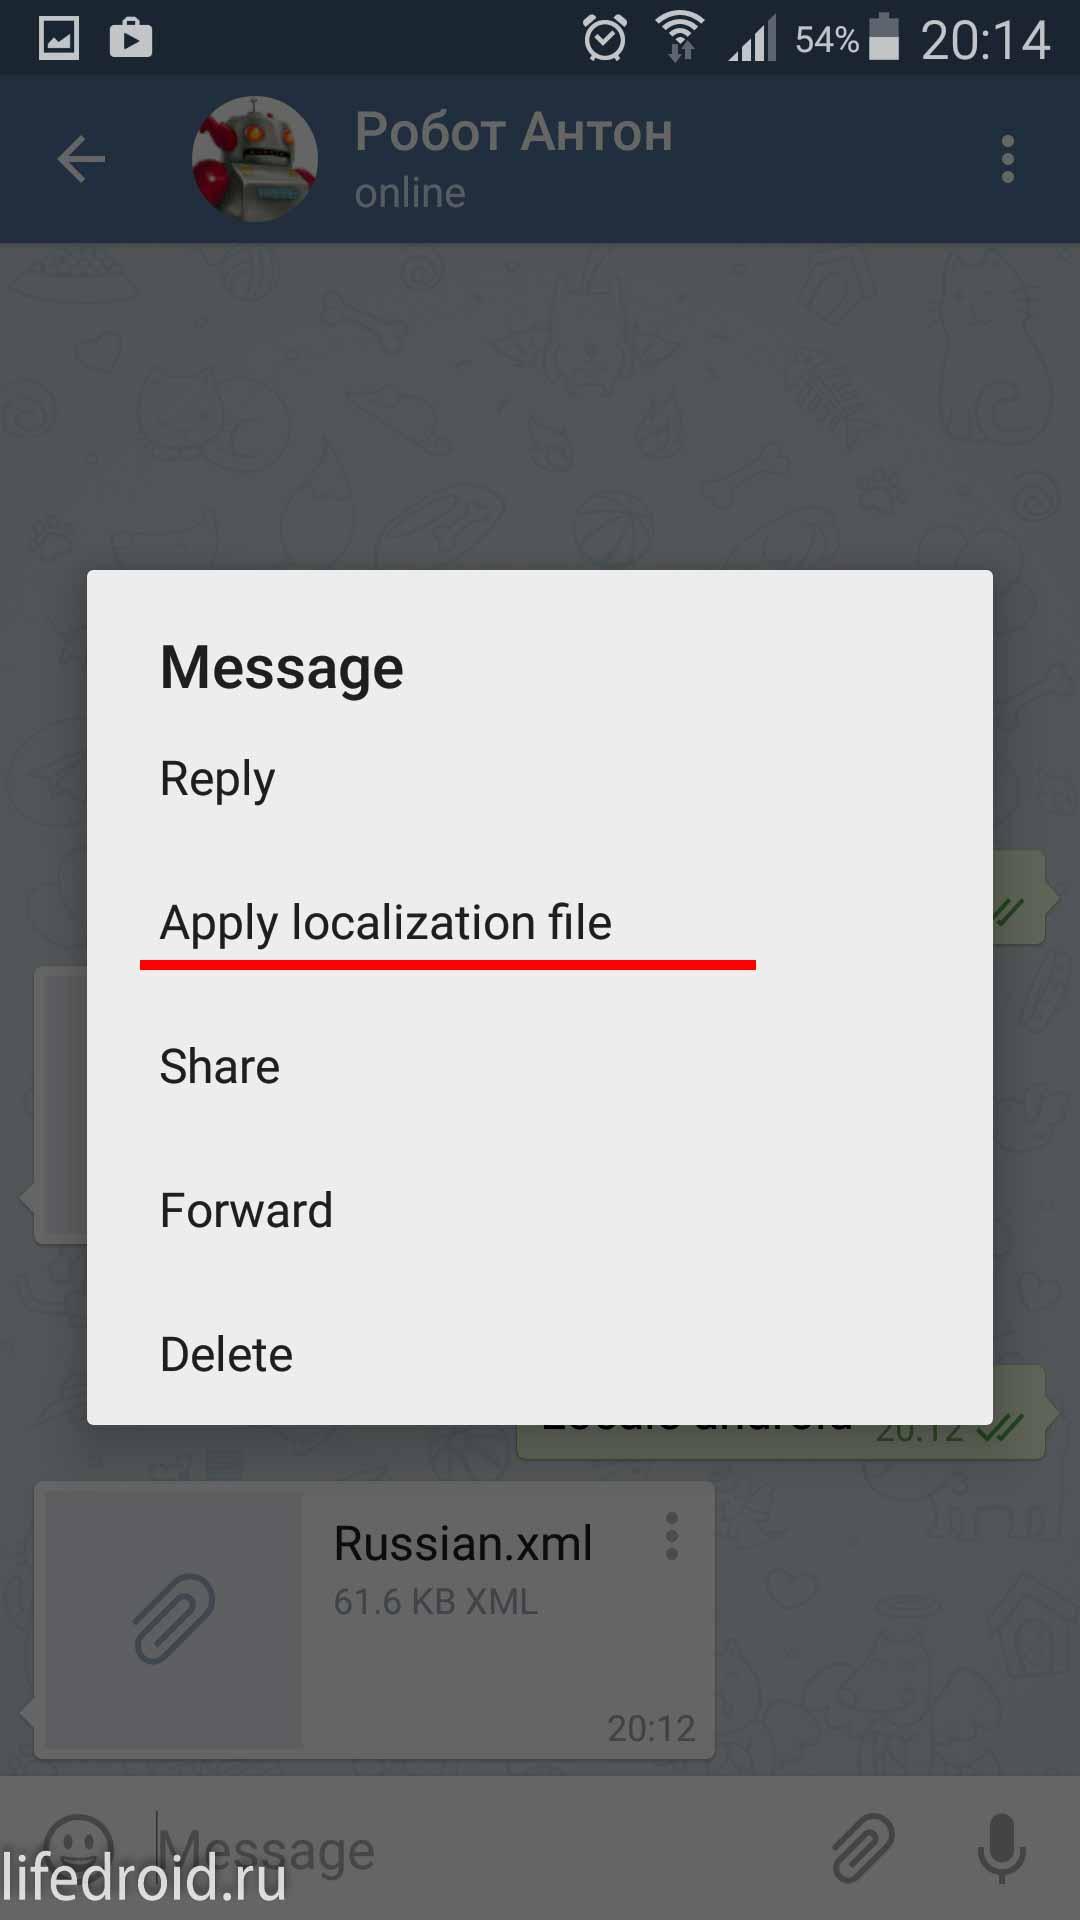 Применить файл локализации